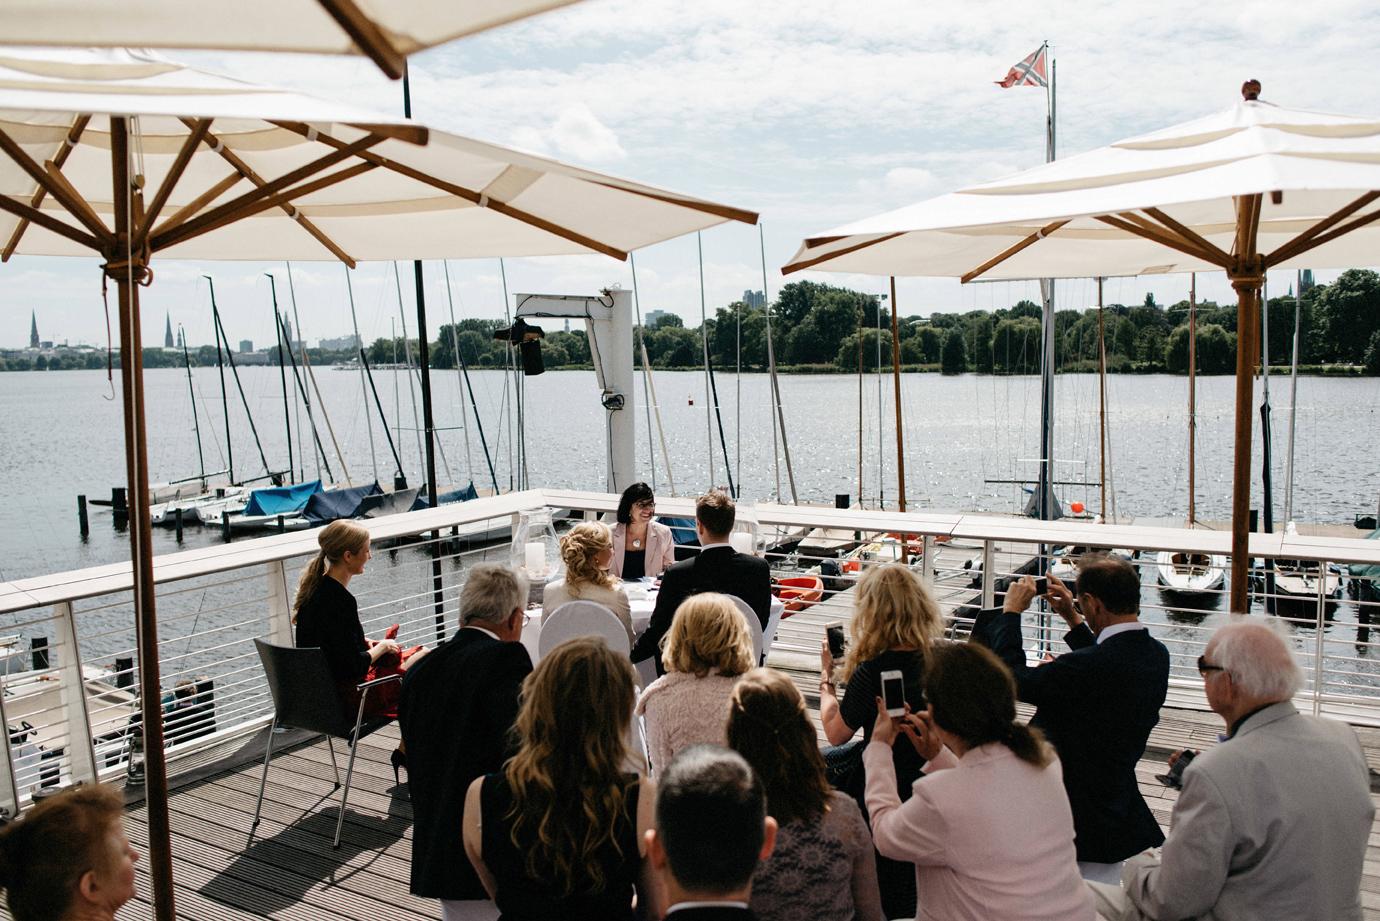 hochzeit nrv norddeutscher regatta verein